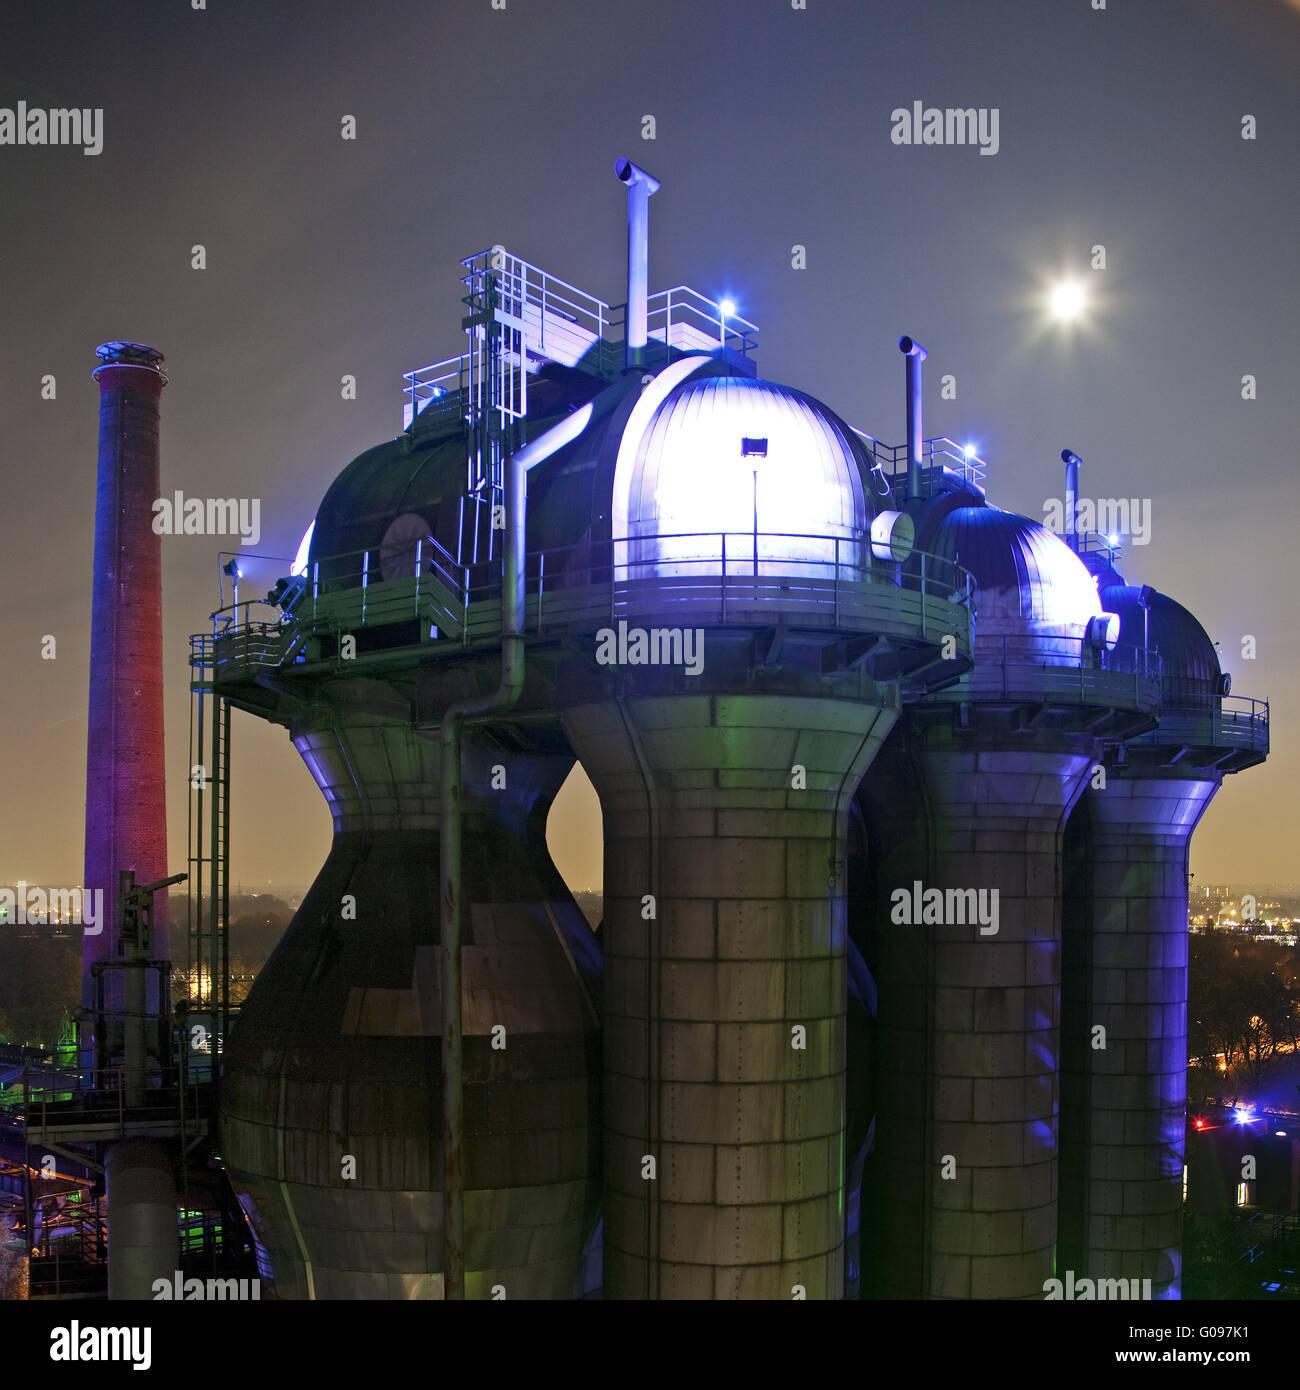 Illuminated North Duisburg Landscape Park, Germany - Stock Image